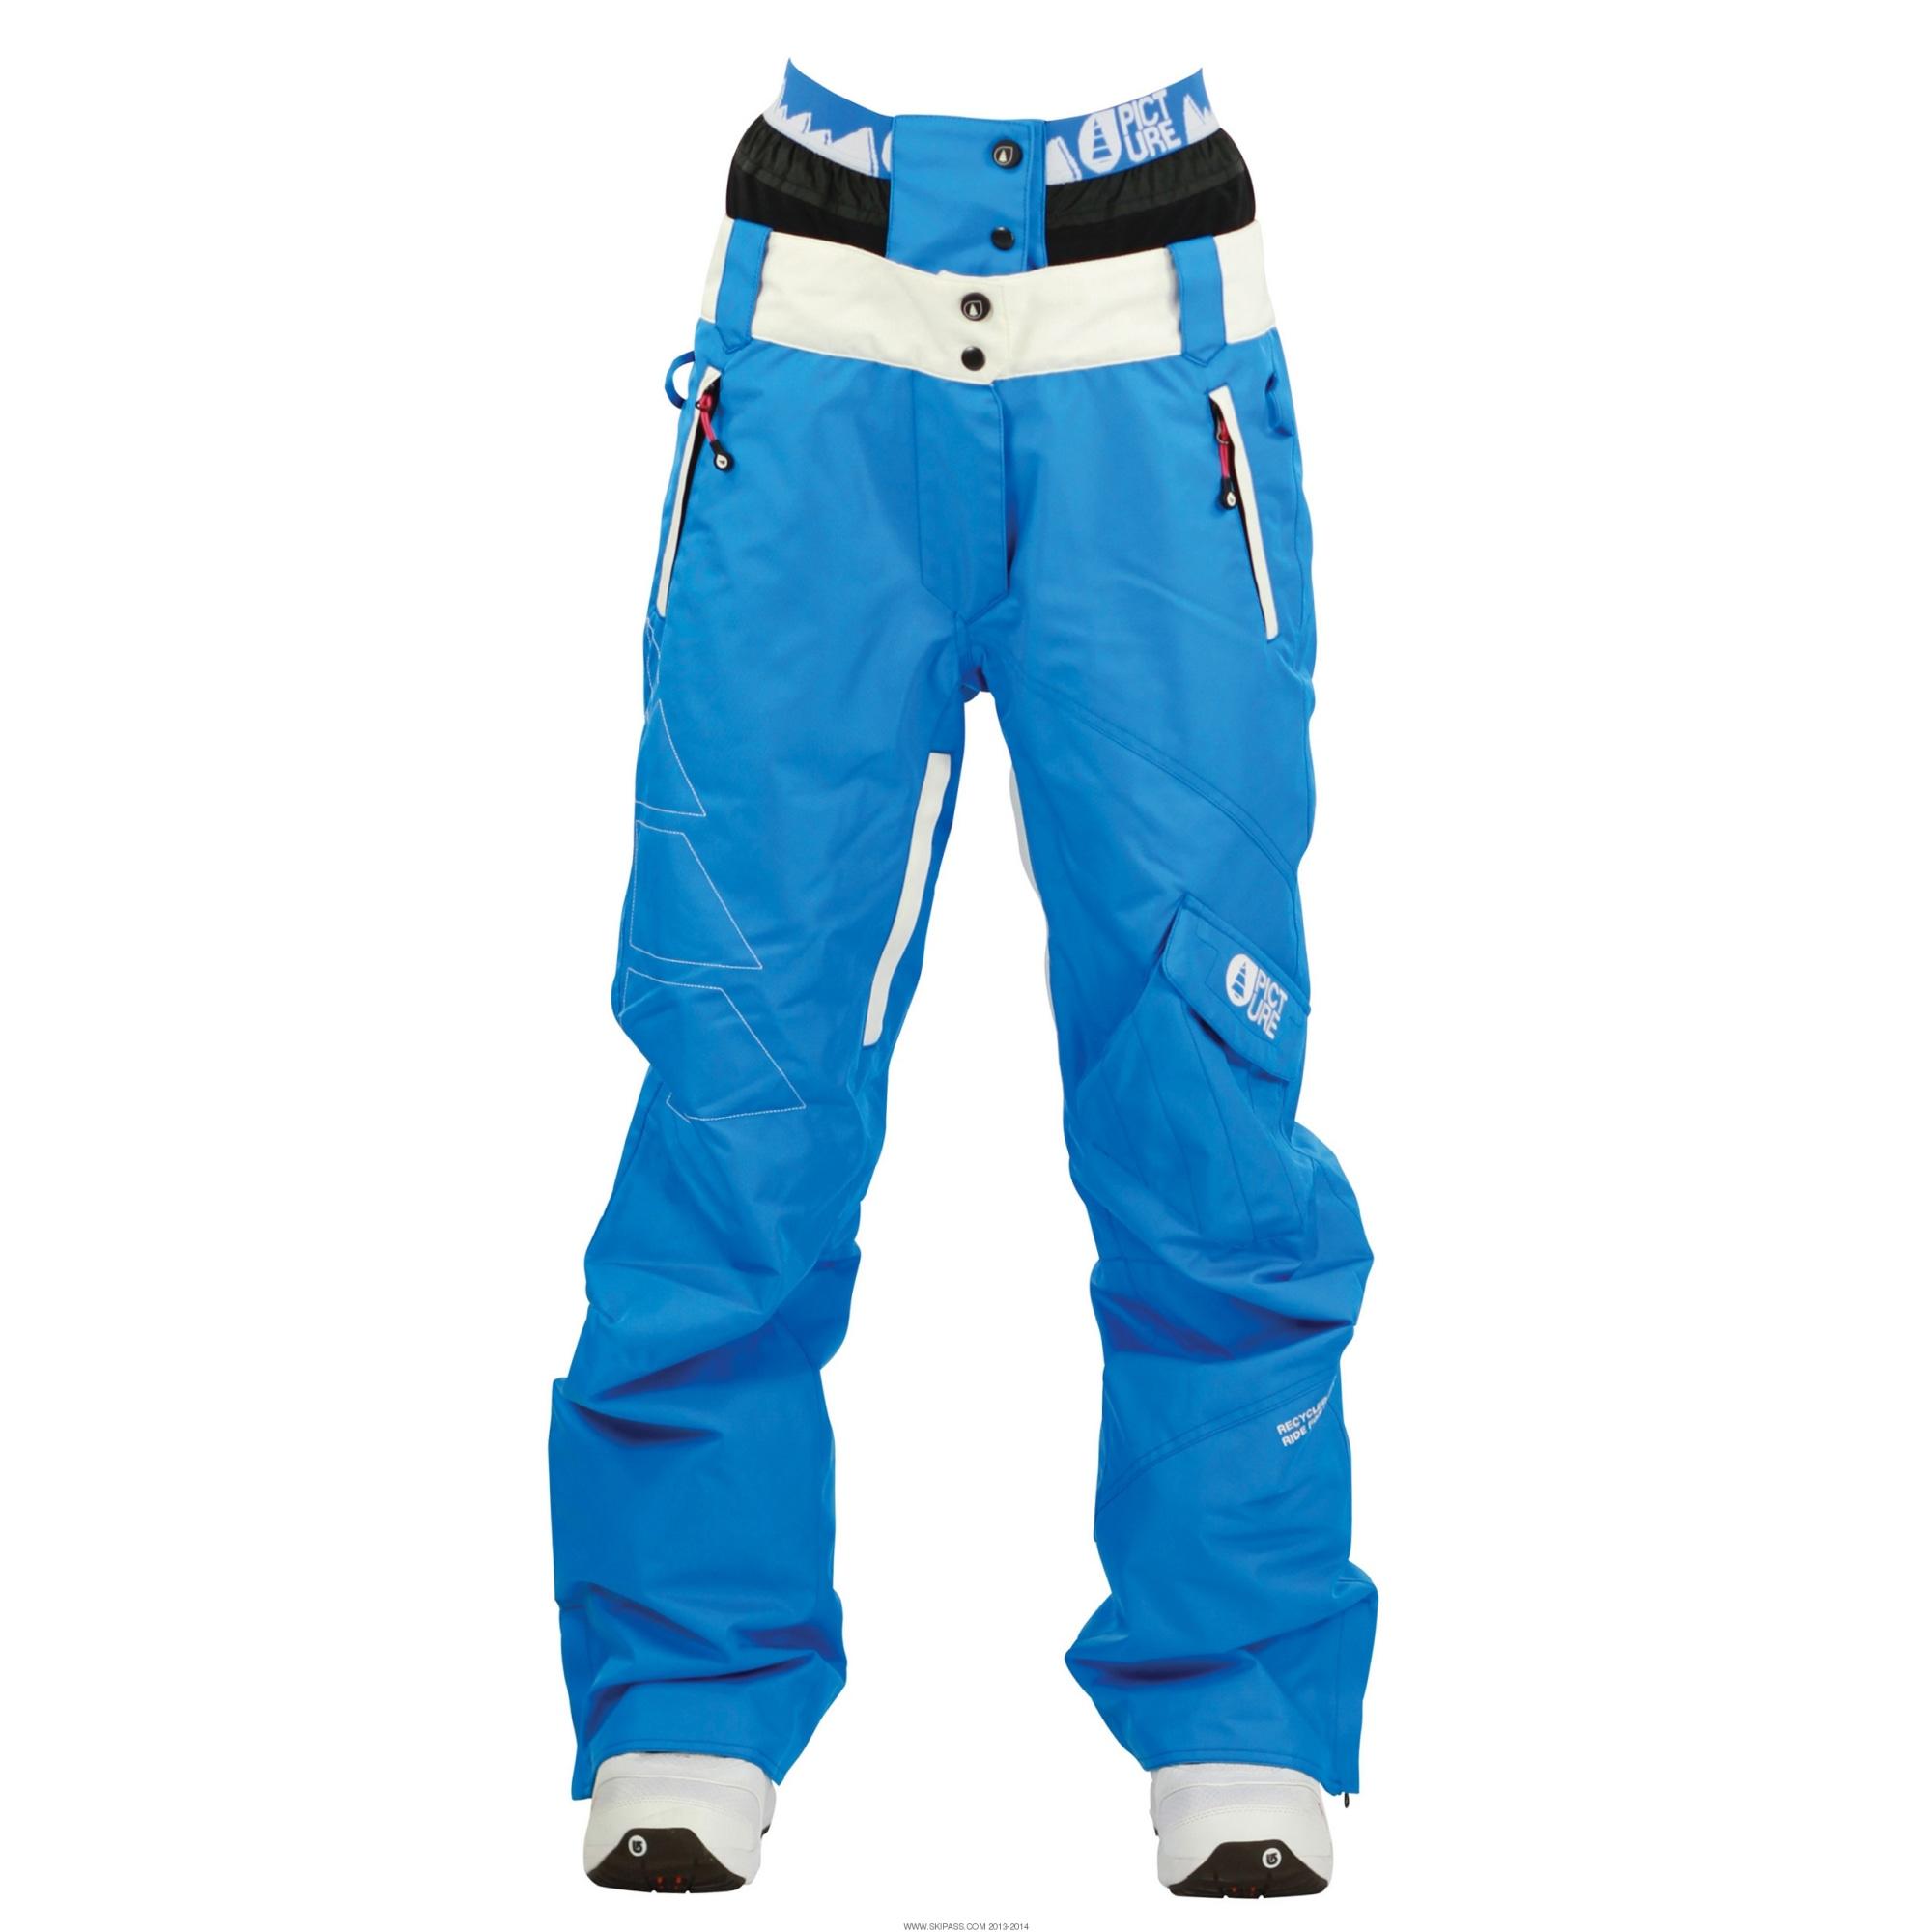 pantalon ski picture xs